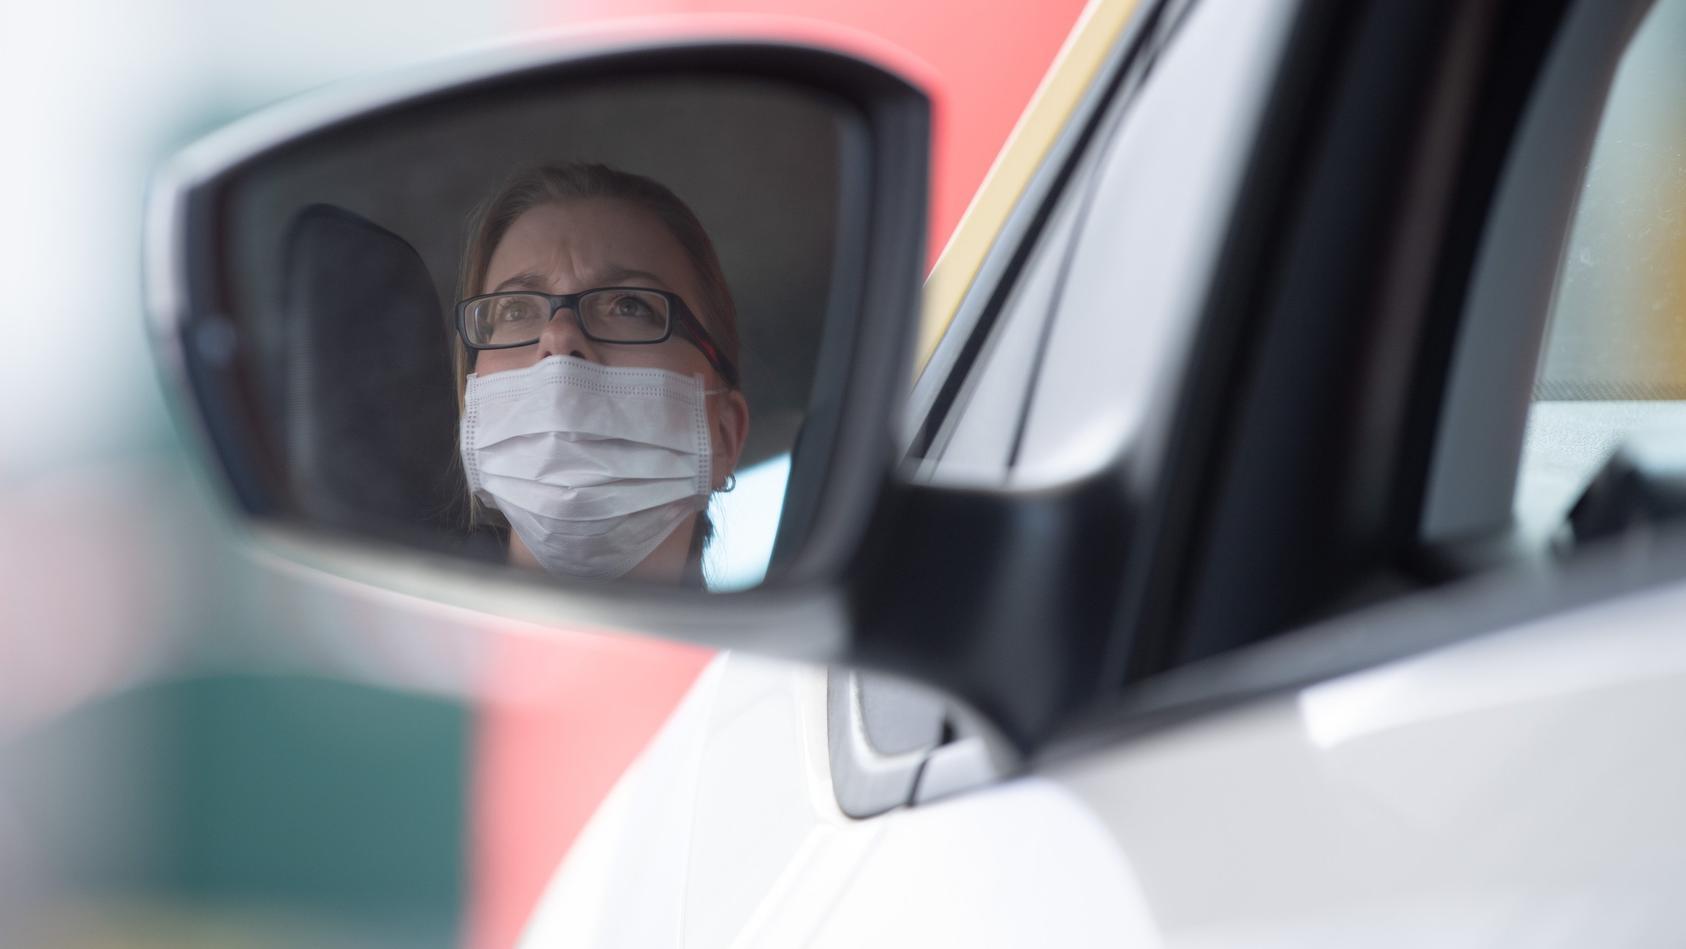 Laut Straßenverkehrsordnung darf das Gesicht am Steuer nicht verdeckt sein.